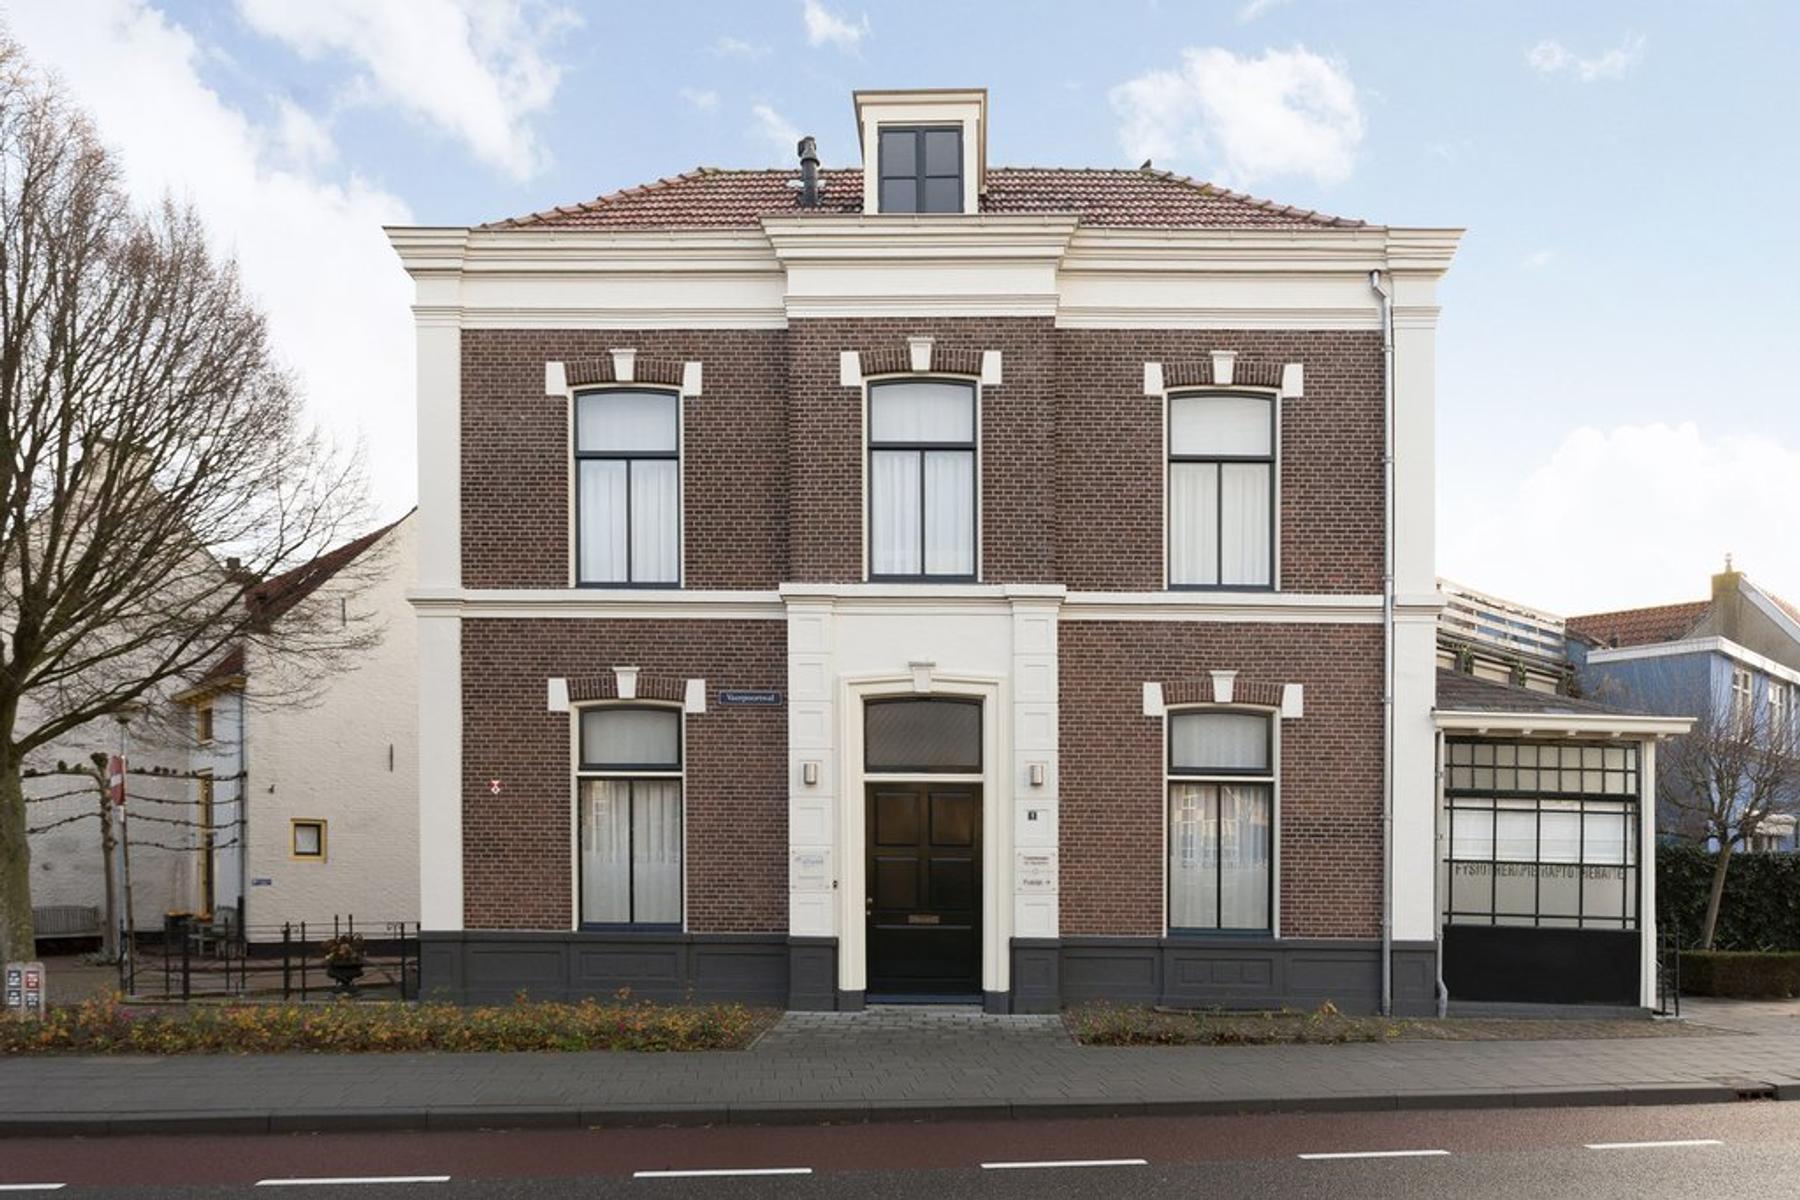 Veerpoortwal 1 in Doesburg 6981 BR